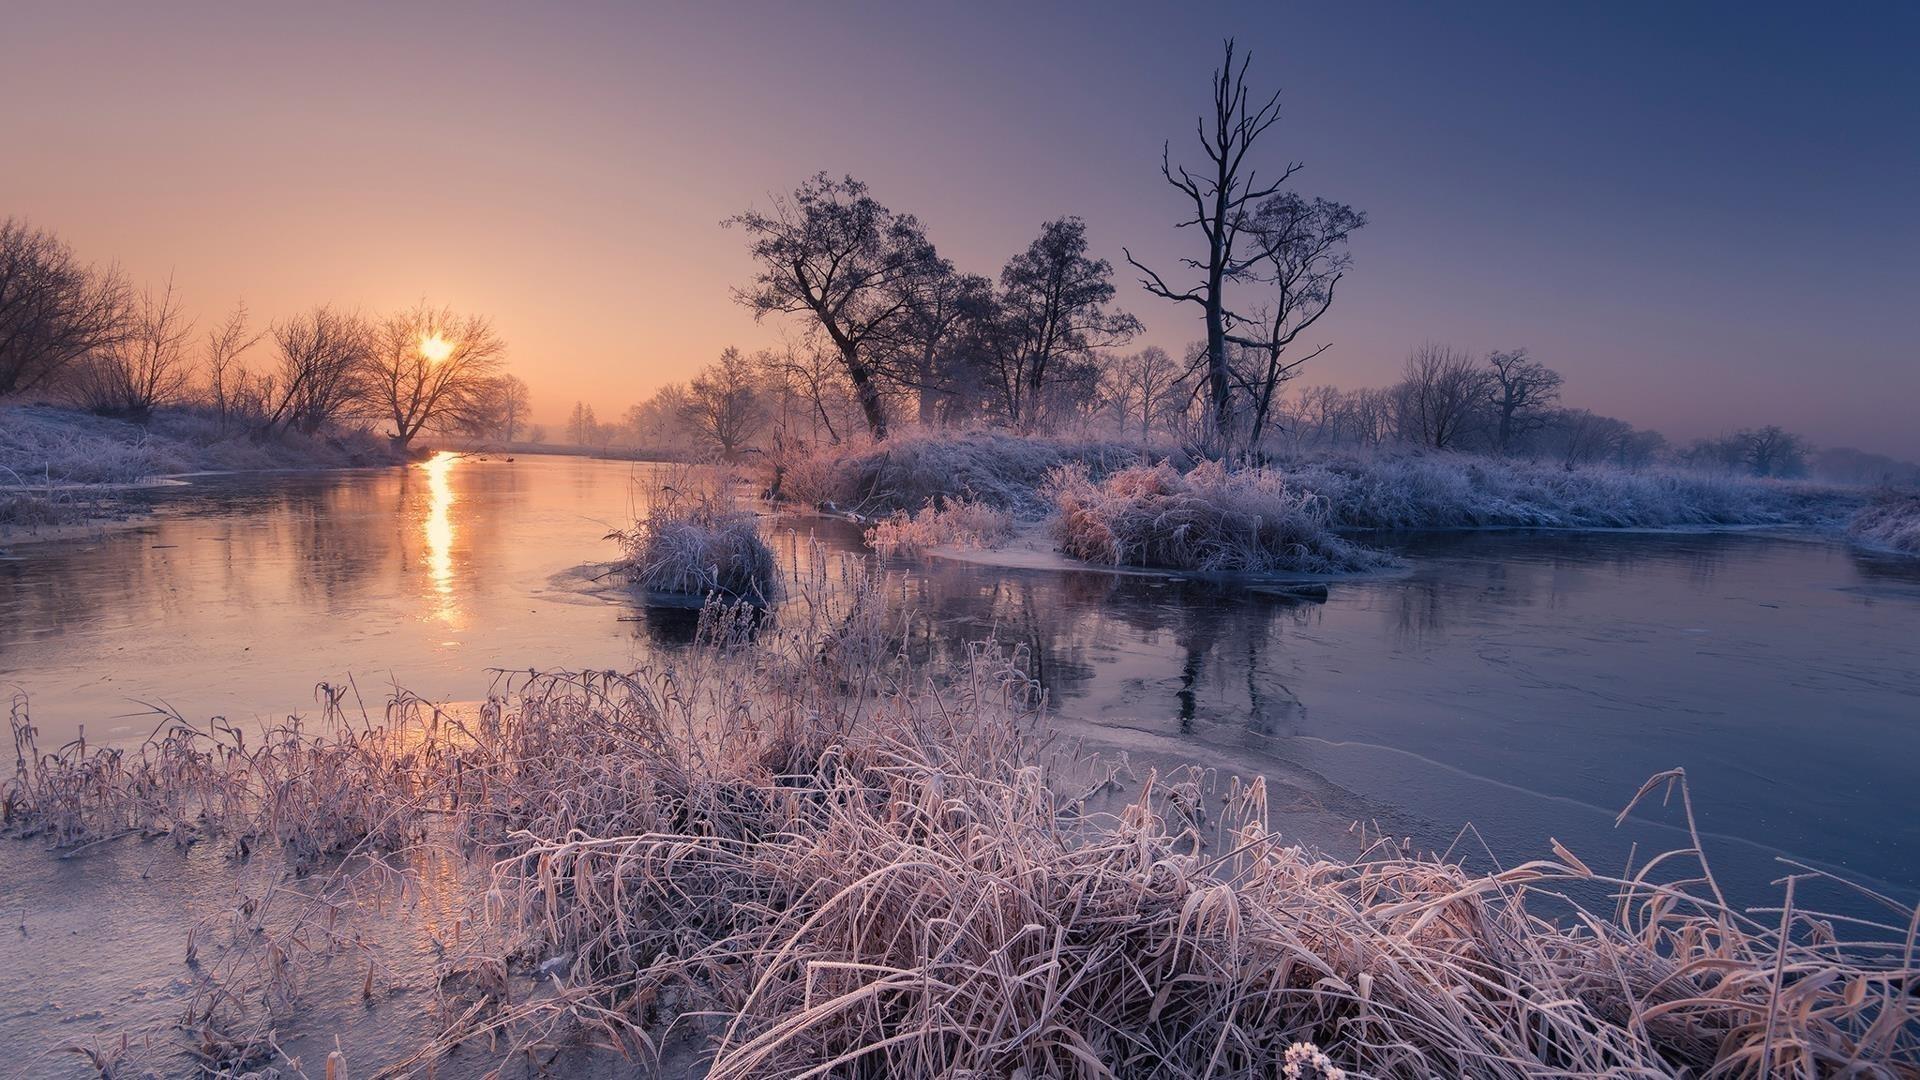 Мороз трава и деревья на реке во время восхода солнца природа обои скачать